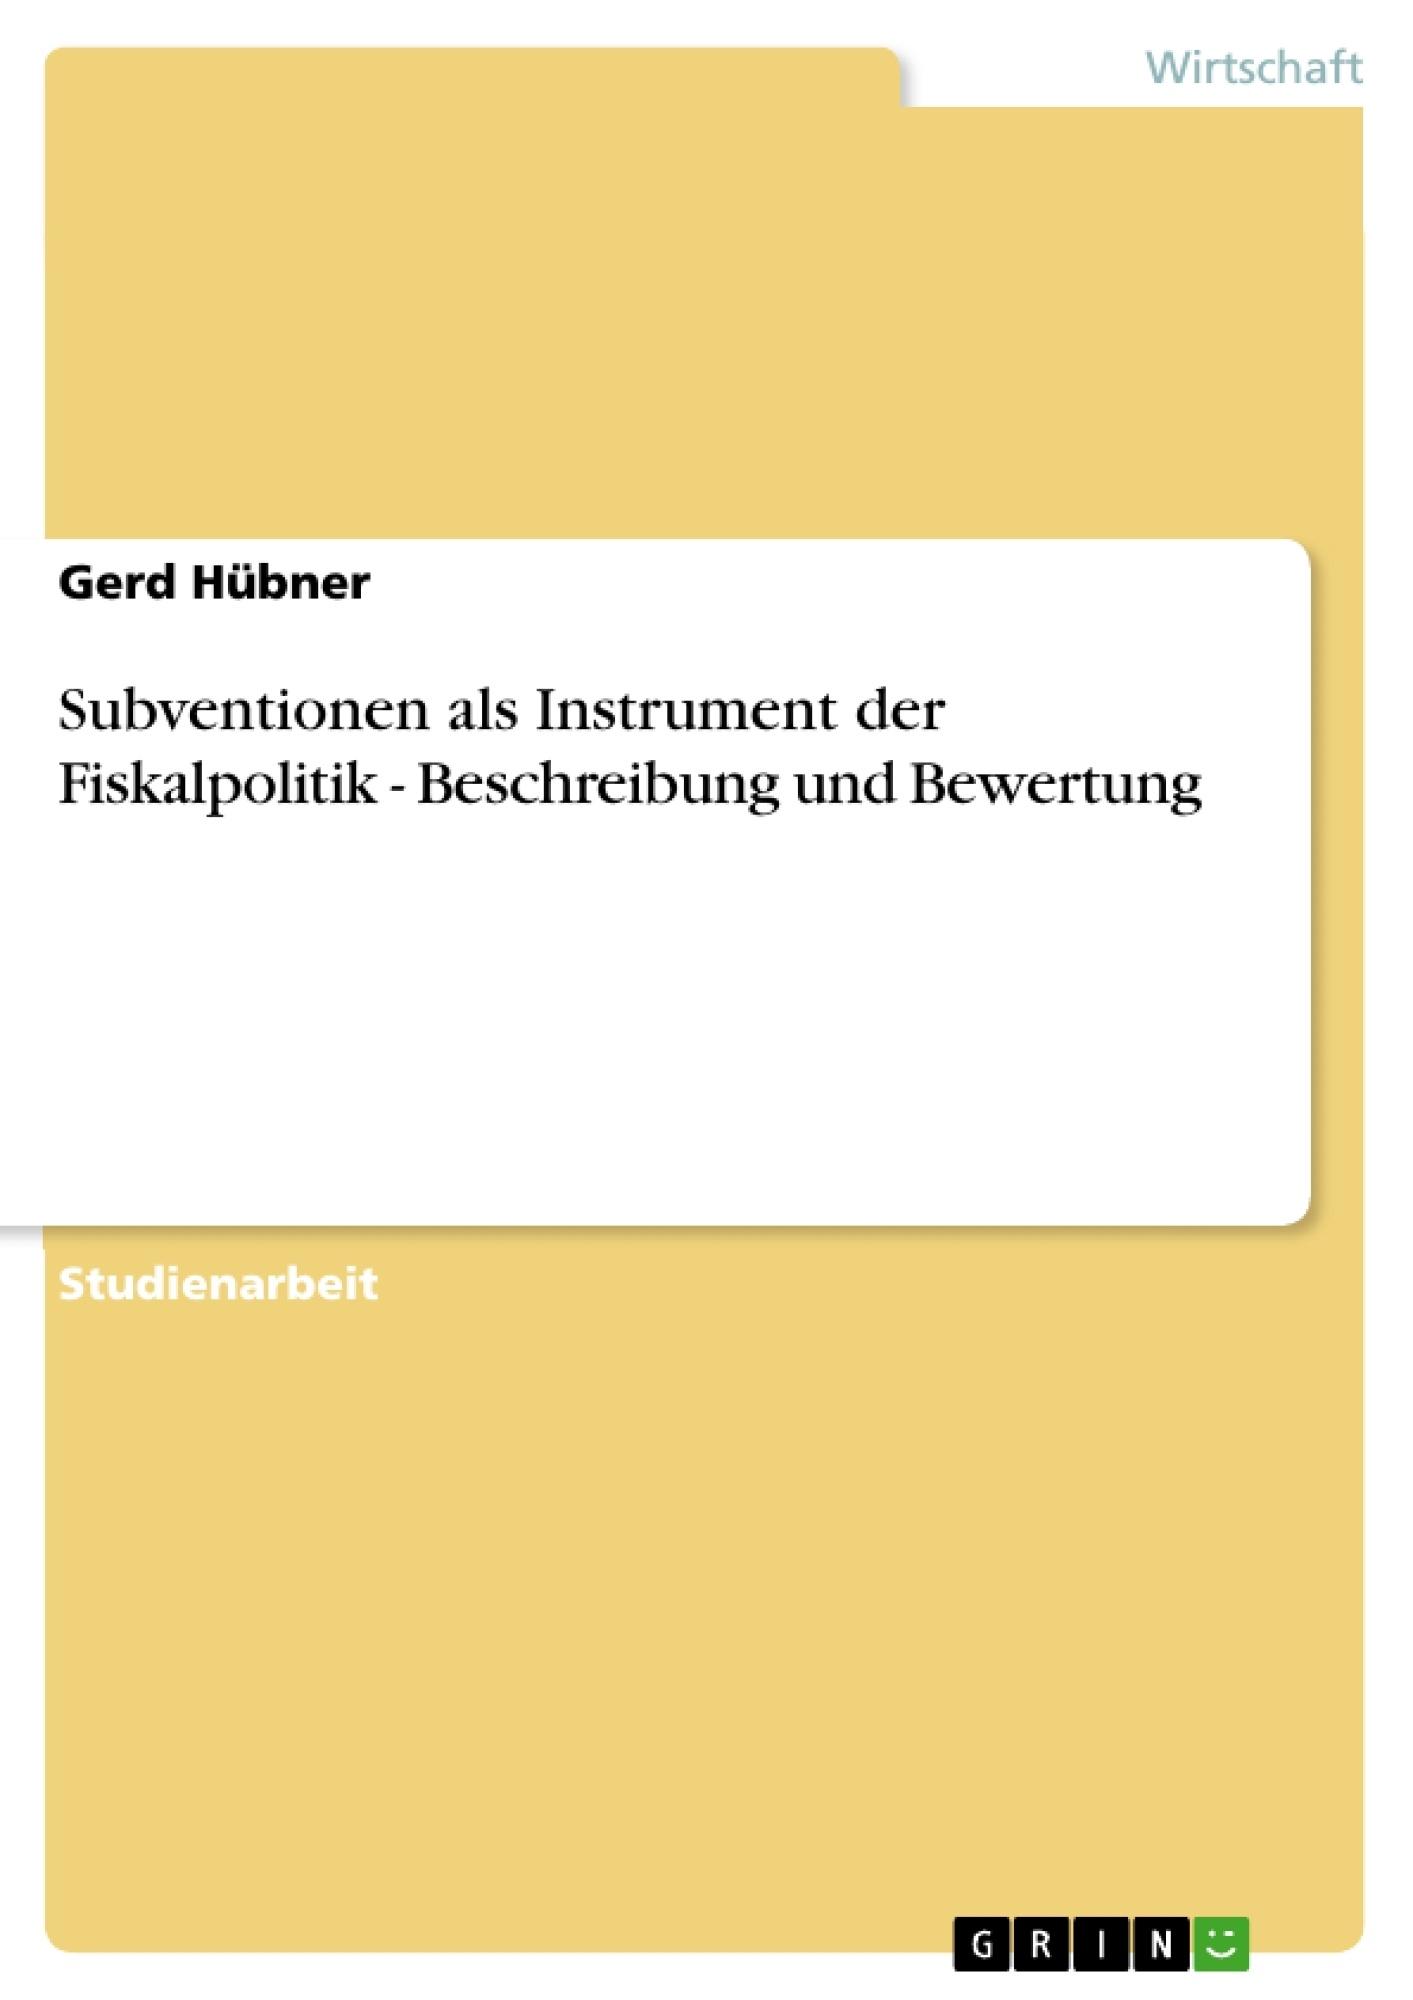 Titel: Subventionen als Instrument der Fiskalpolitik - Beschreibung und Bewertung